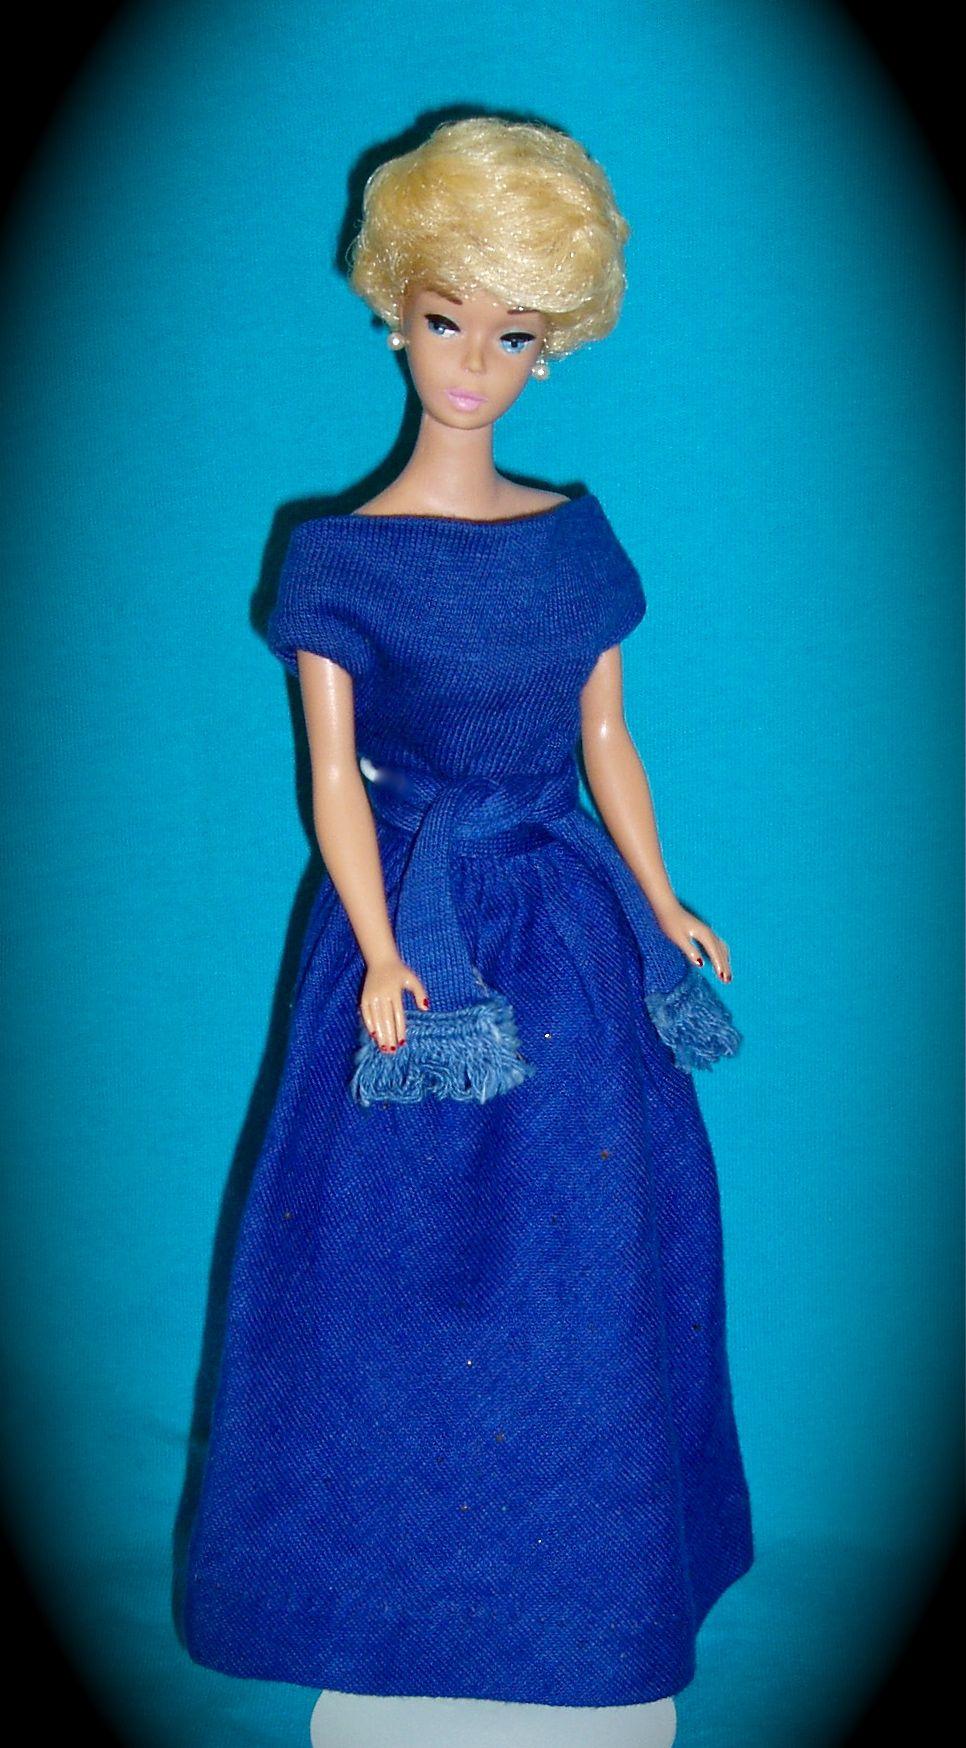 Bubble Cut Barbie In Her Blue Cotton Pak Set